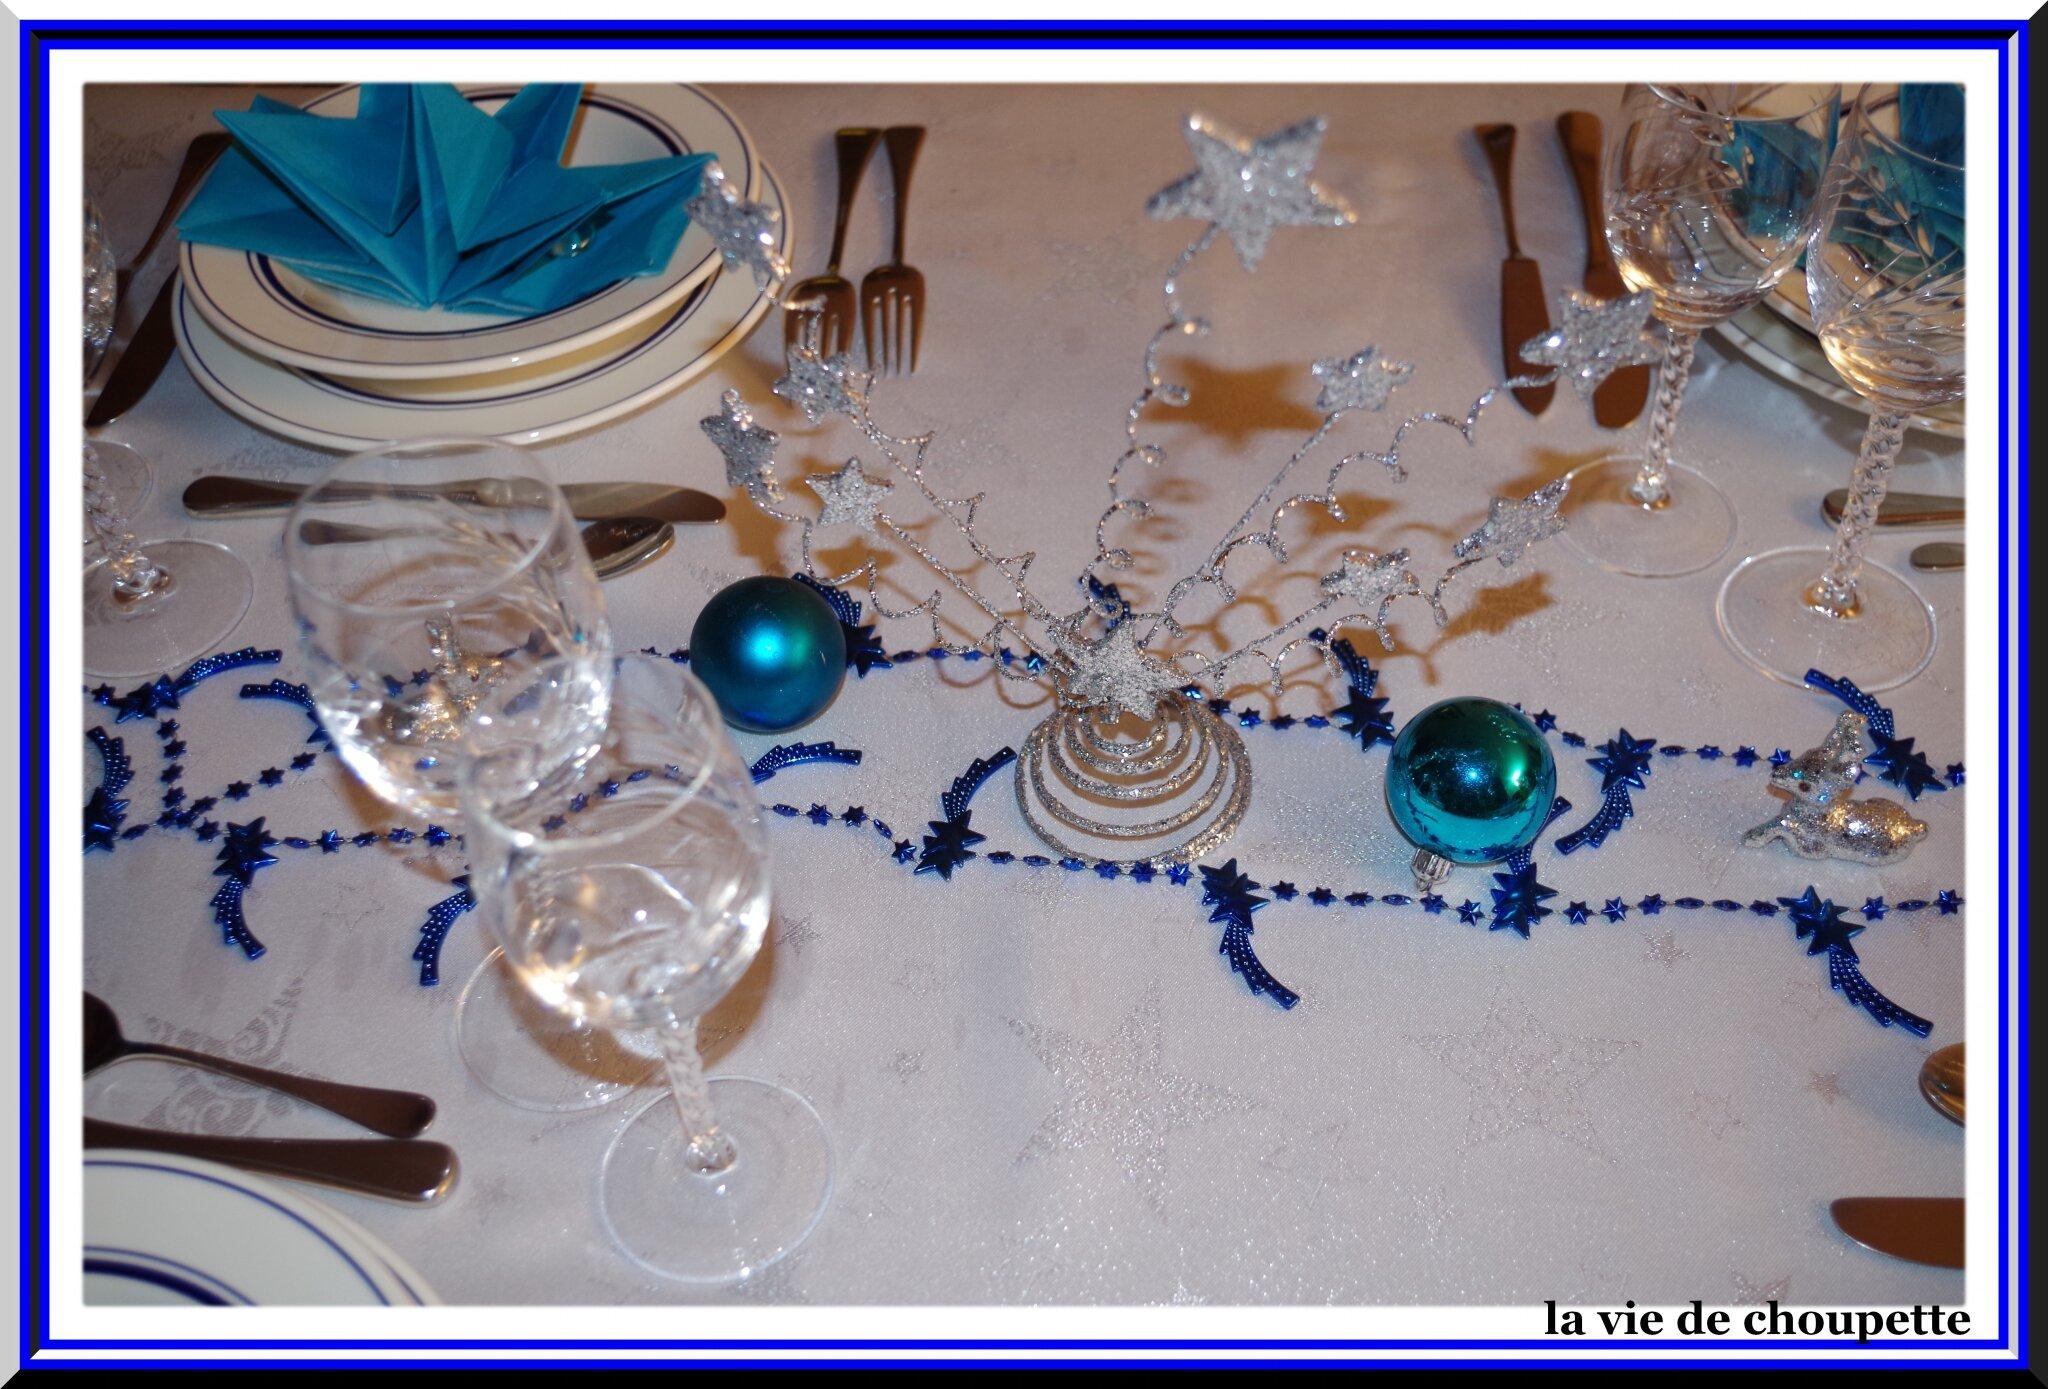 Meilleur 6543 d coration table de noel bleu et argent for Deco table noel bleu argent